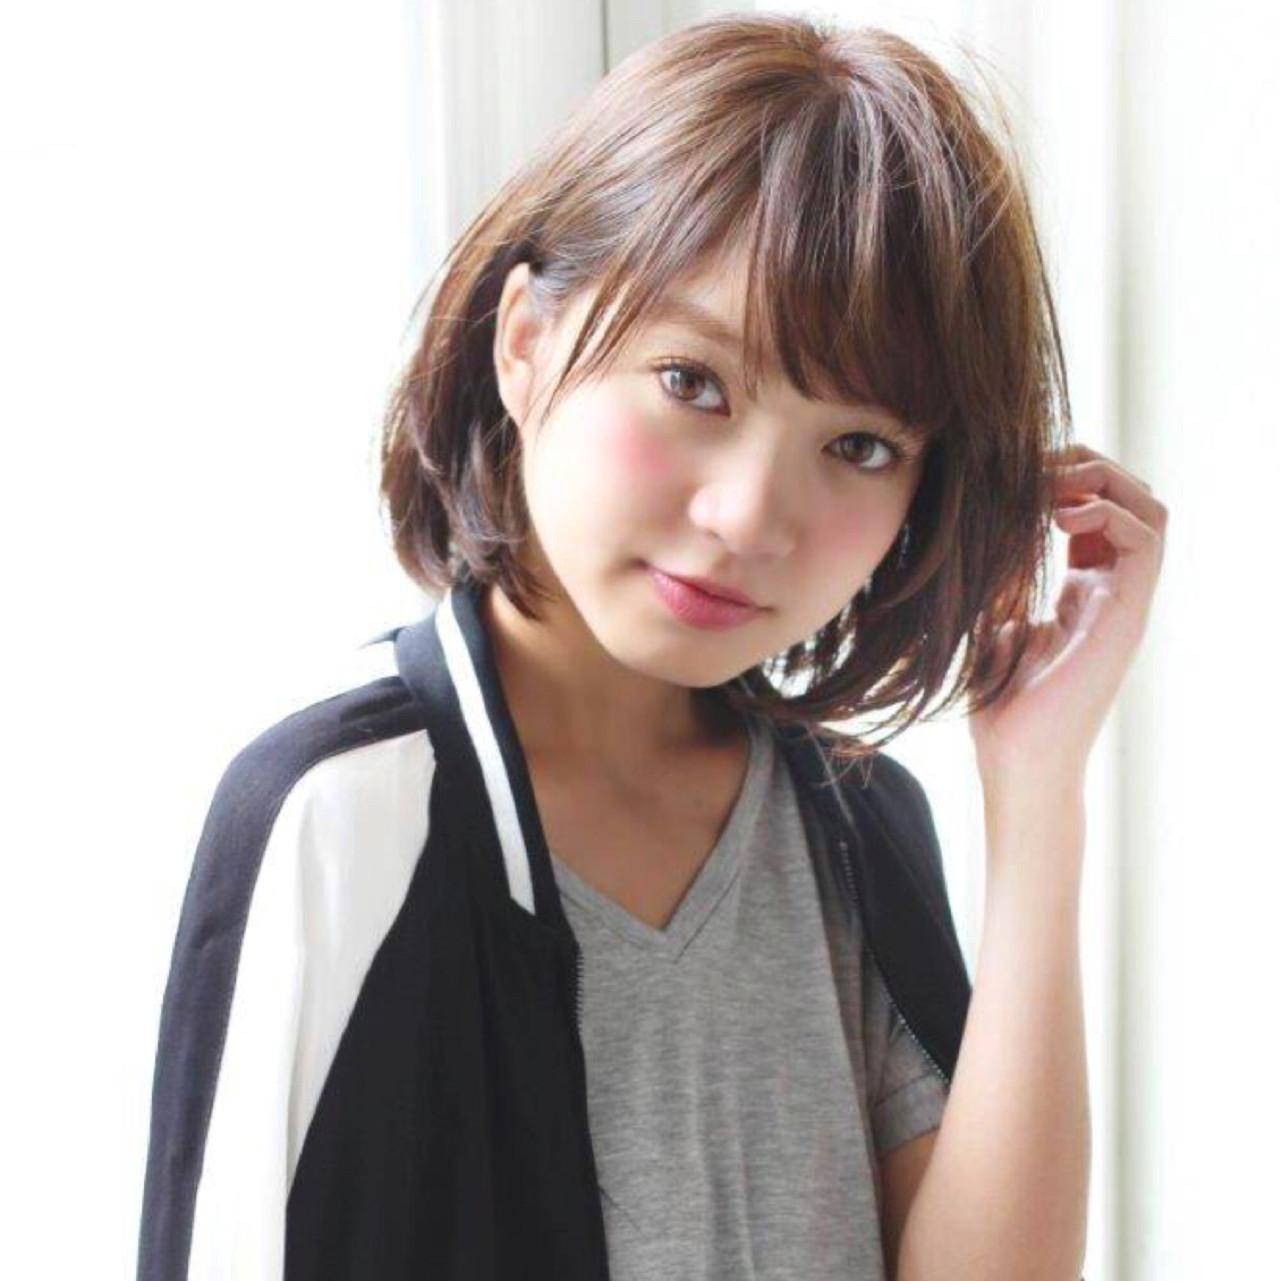 こなれ感 小顔 ボブ パーマ ヘアスタイルや髪型の写真・画像 | 切りっぱなしボブを流行らせた人 Un ami増永 / Un ami omotesando